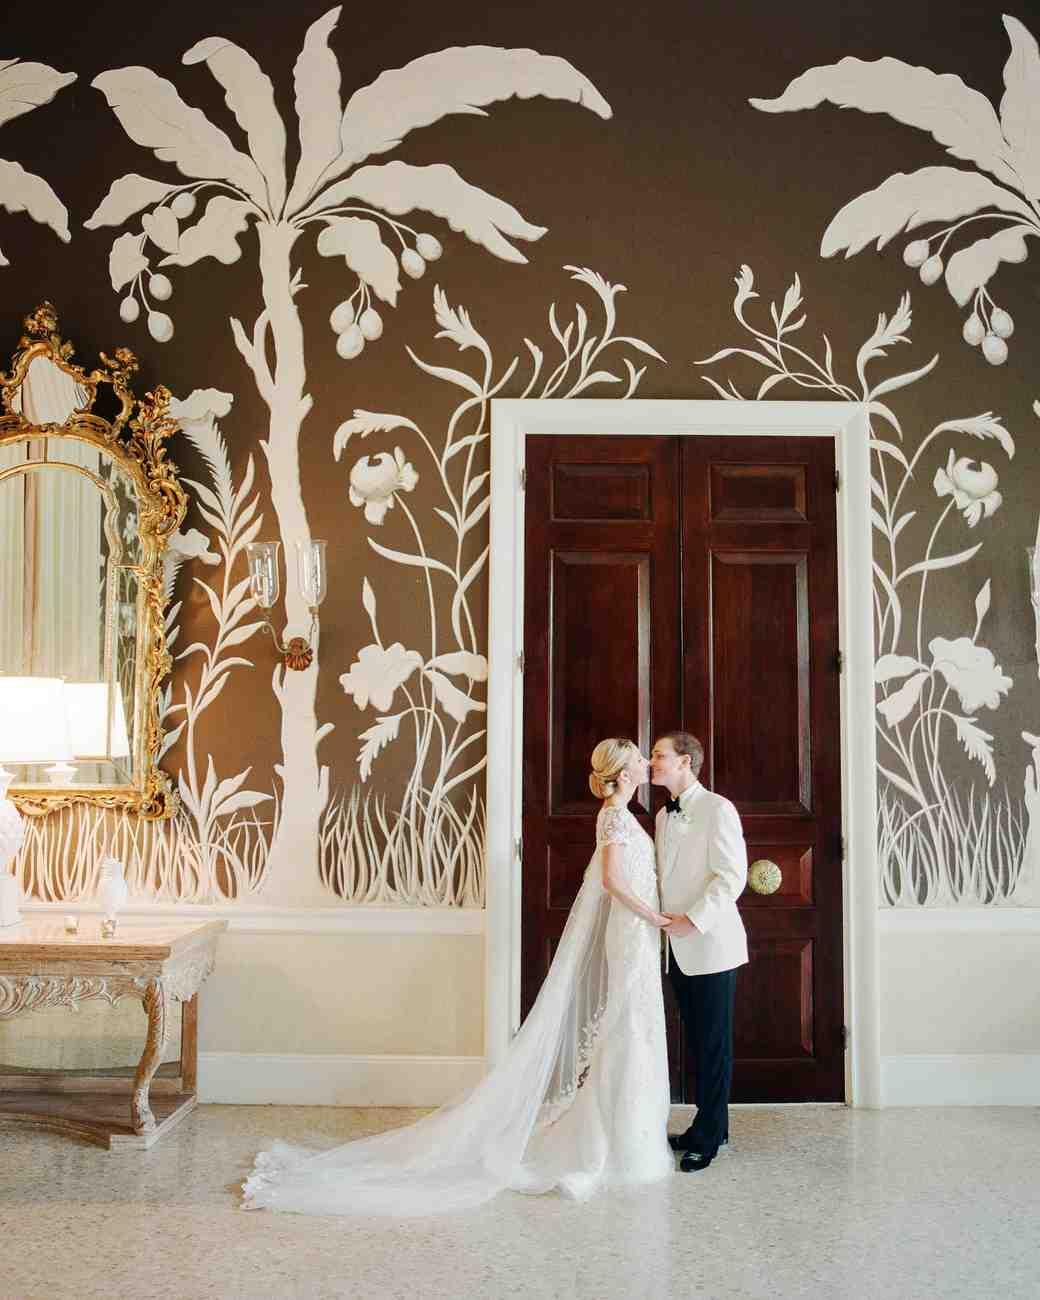 kelsey-casey-wedding-bahamas-couple-0018-1150-s112804.jpg